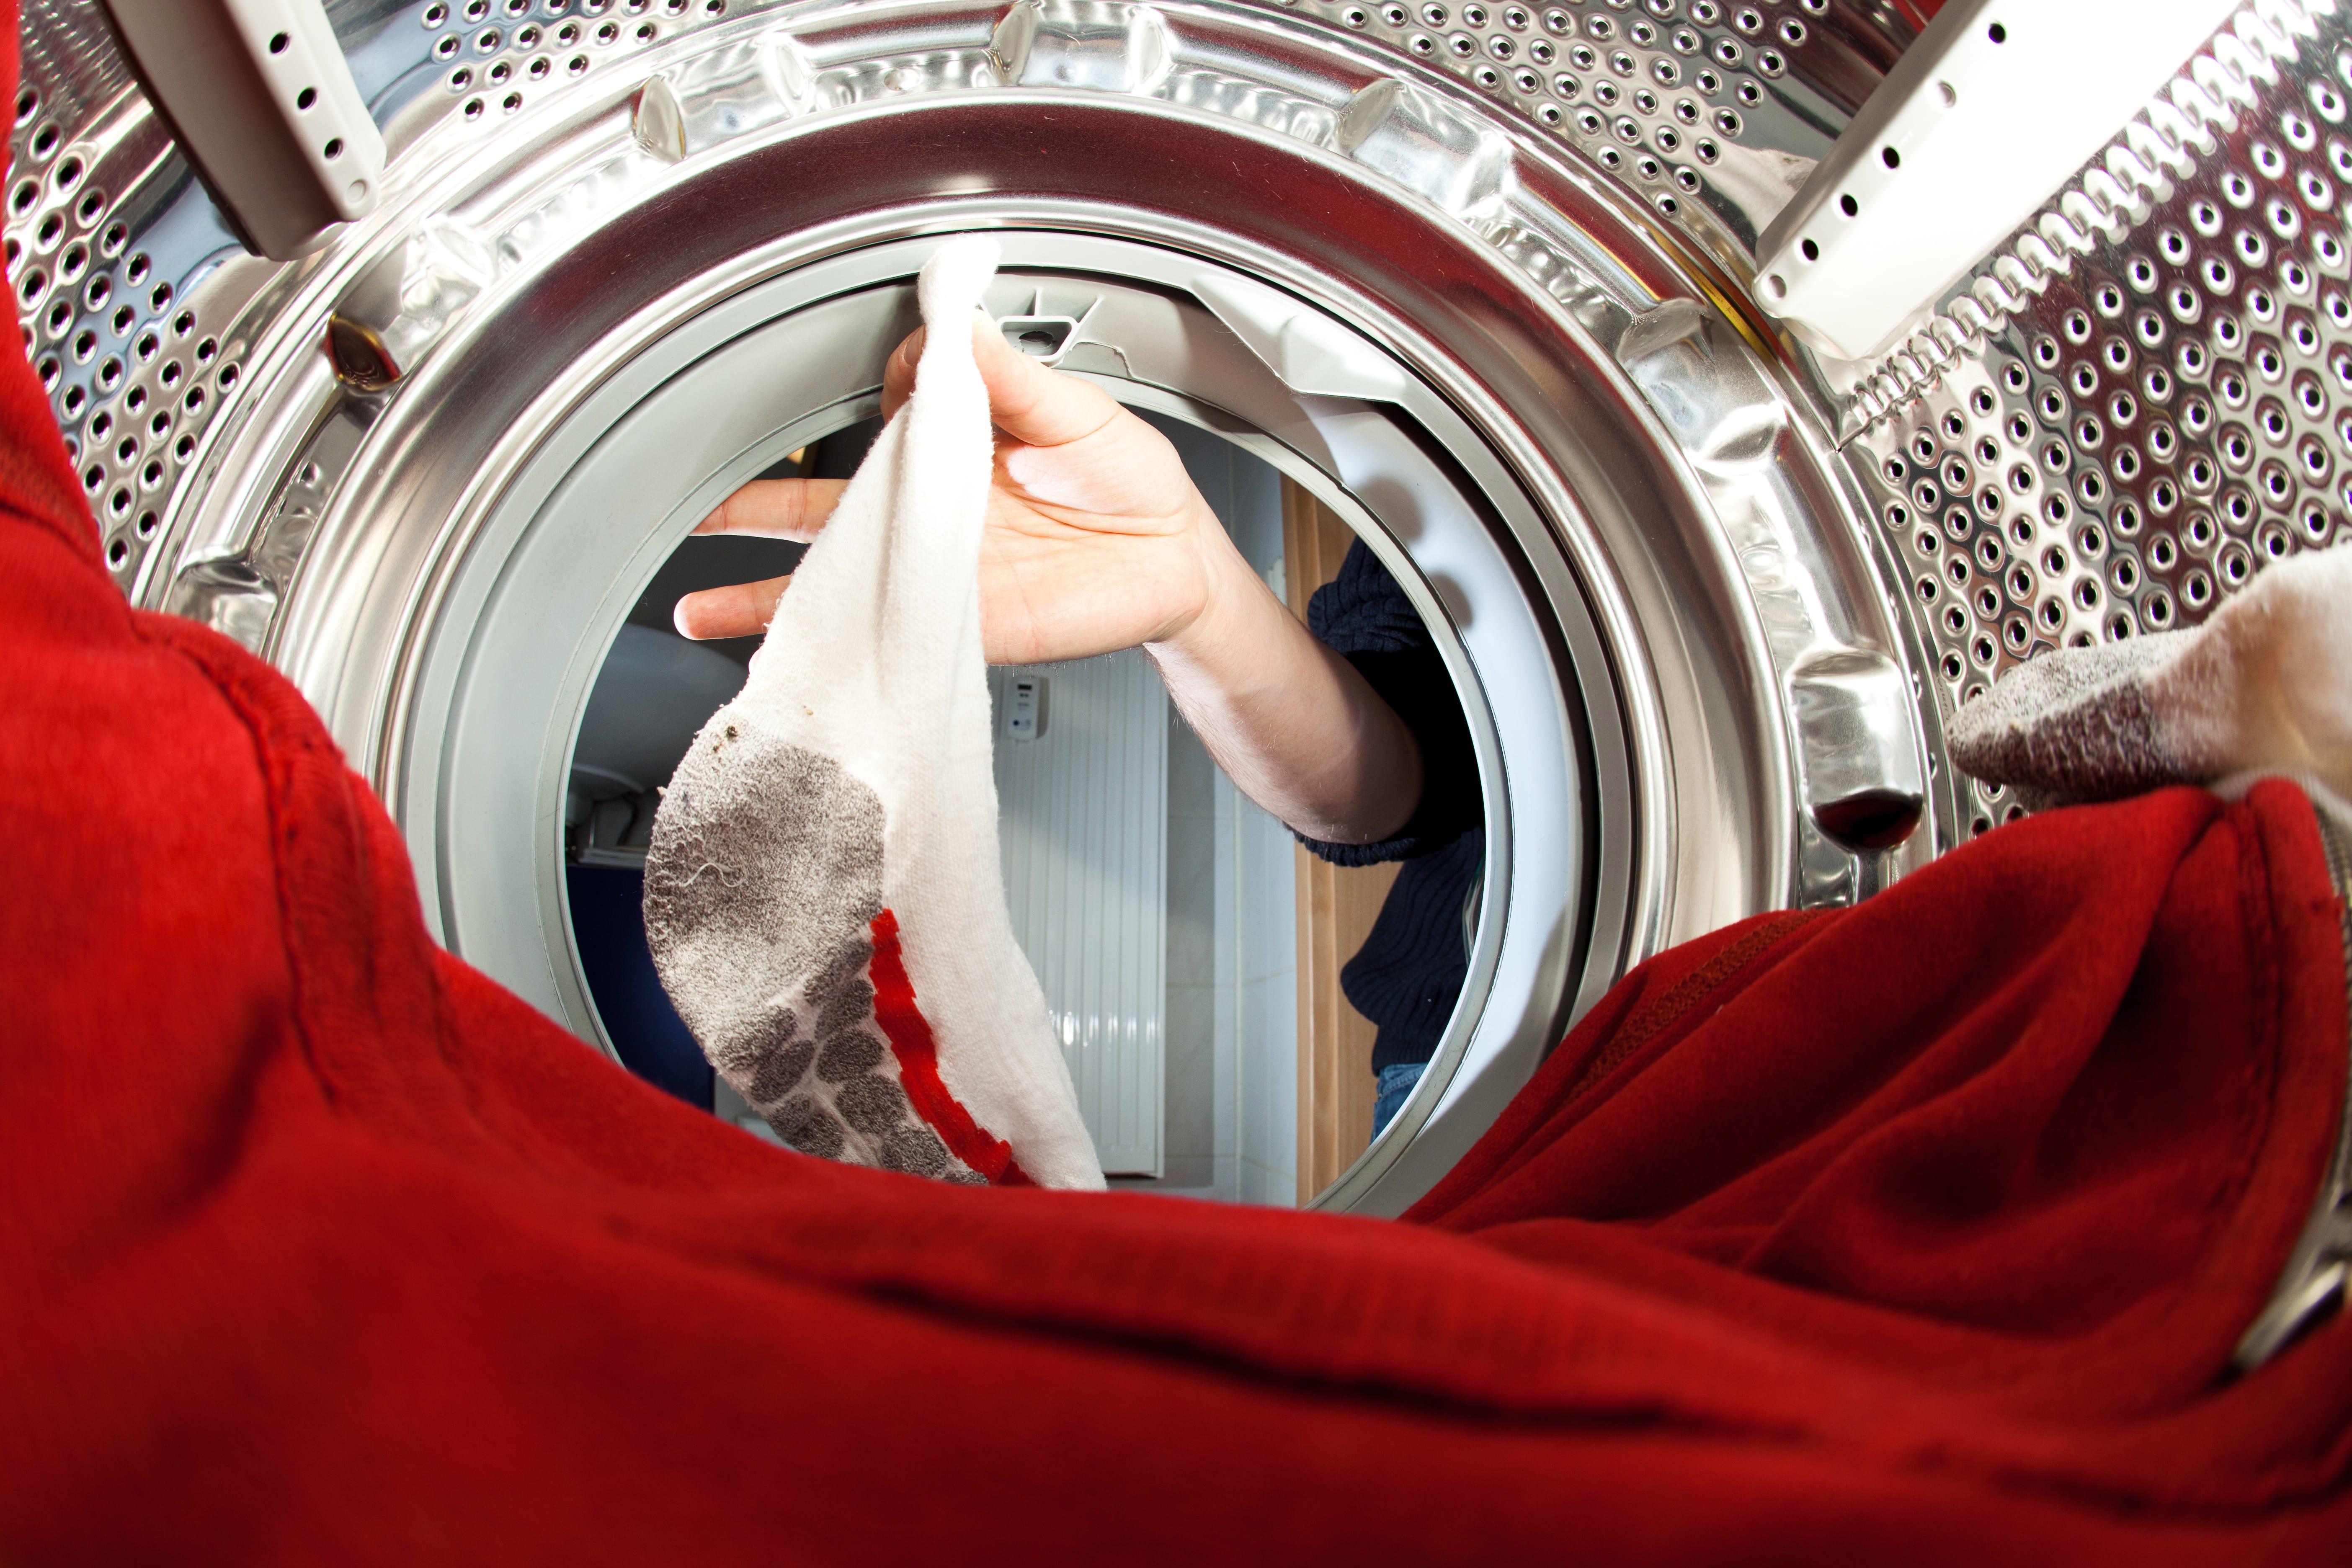 Socken in der Waschmaschine – 3 Tipps wie sie nicht verschwinden